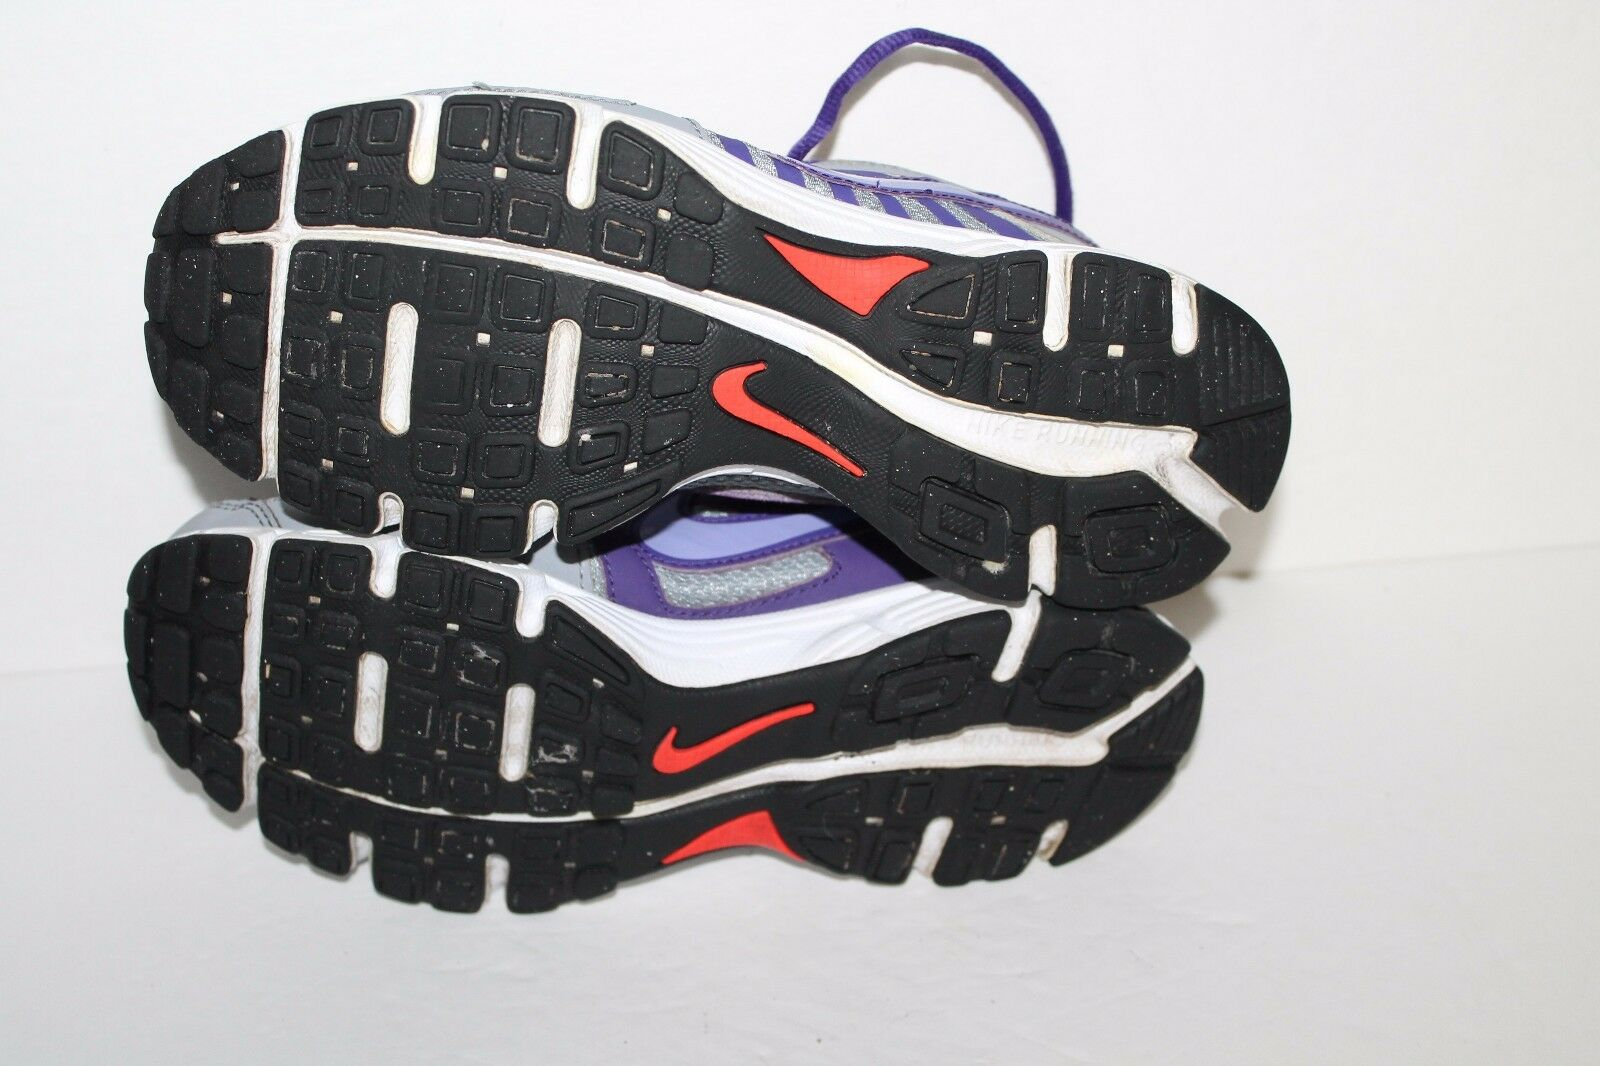 Nike downshifter 5 scarpe da corsa, grigio     viola, le donne noi 8 | Del Nuovo Di Arrivo  | Uomo/Donna Scarpa  915ae1